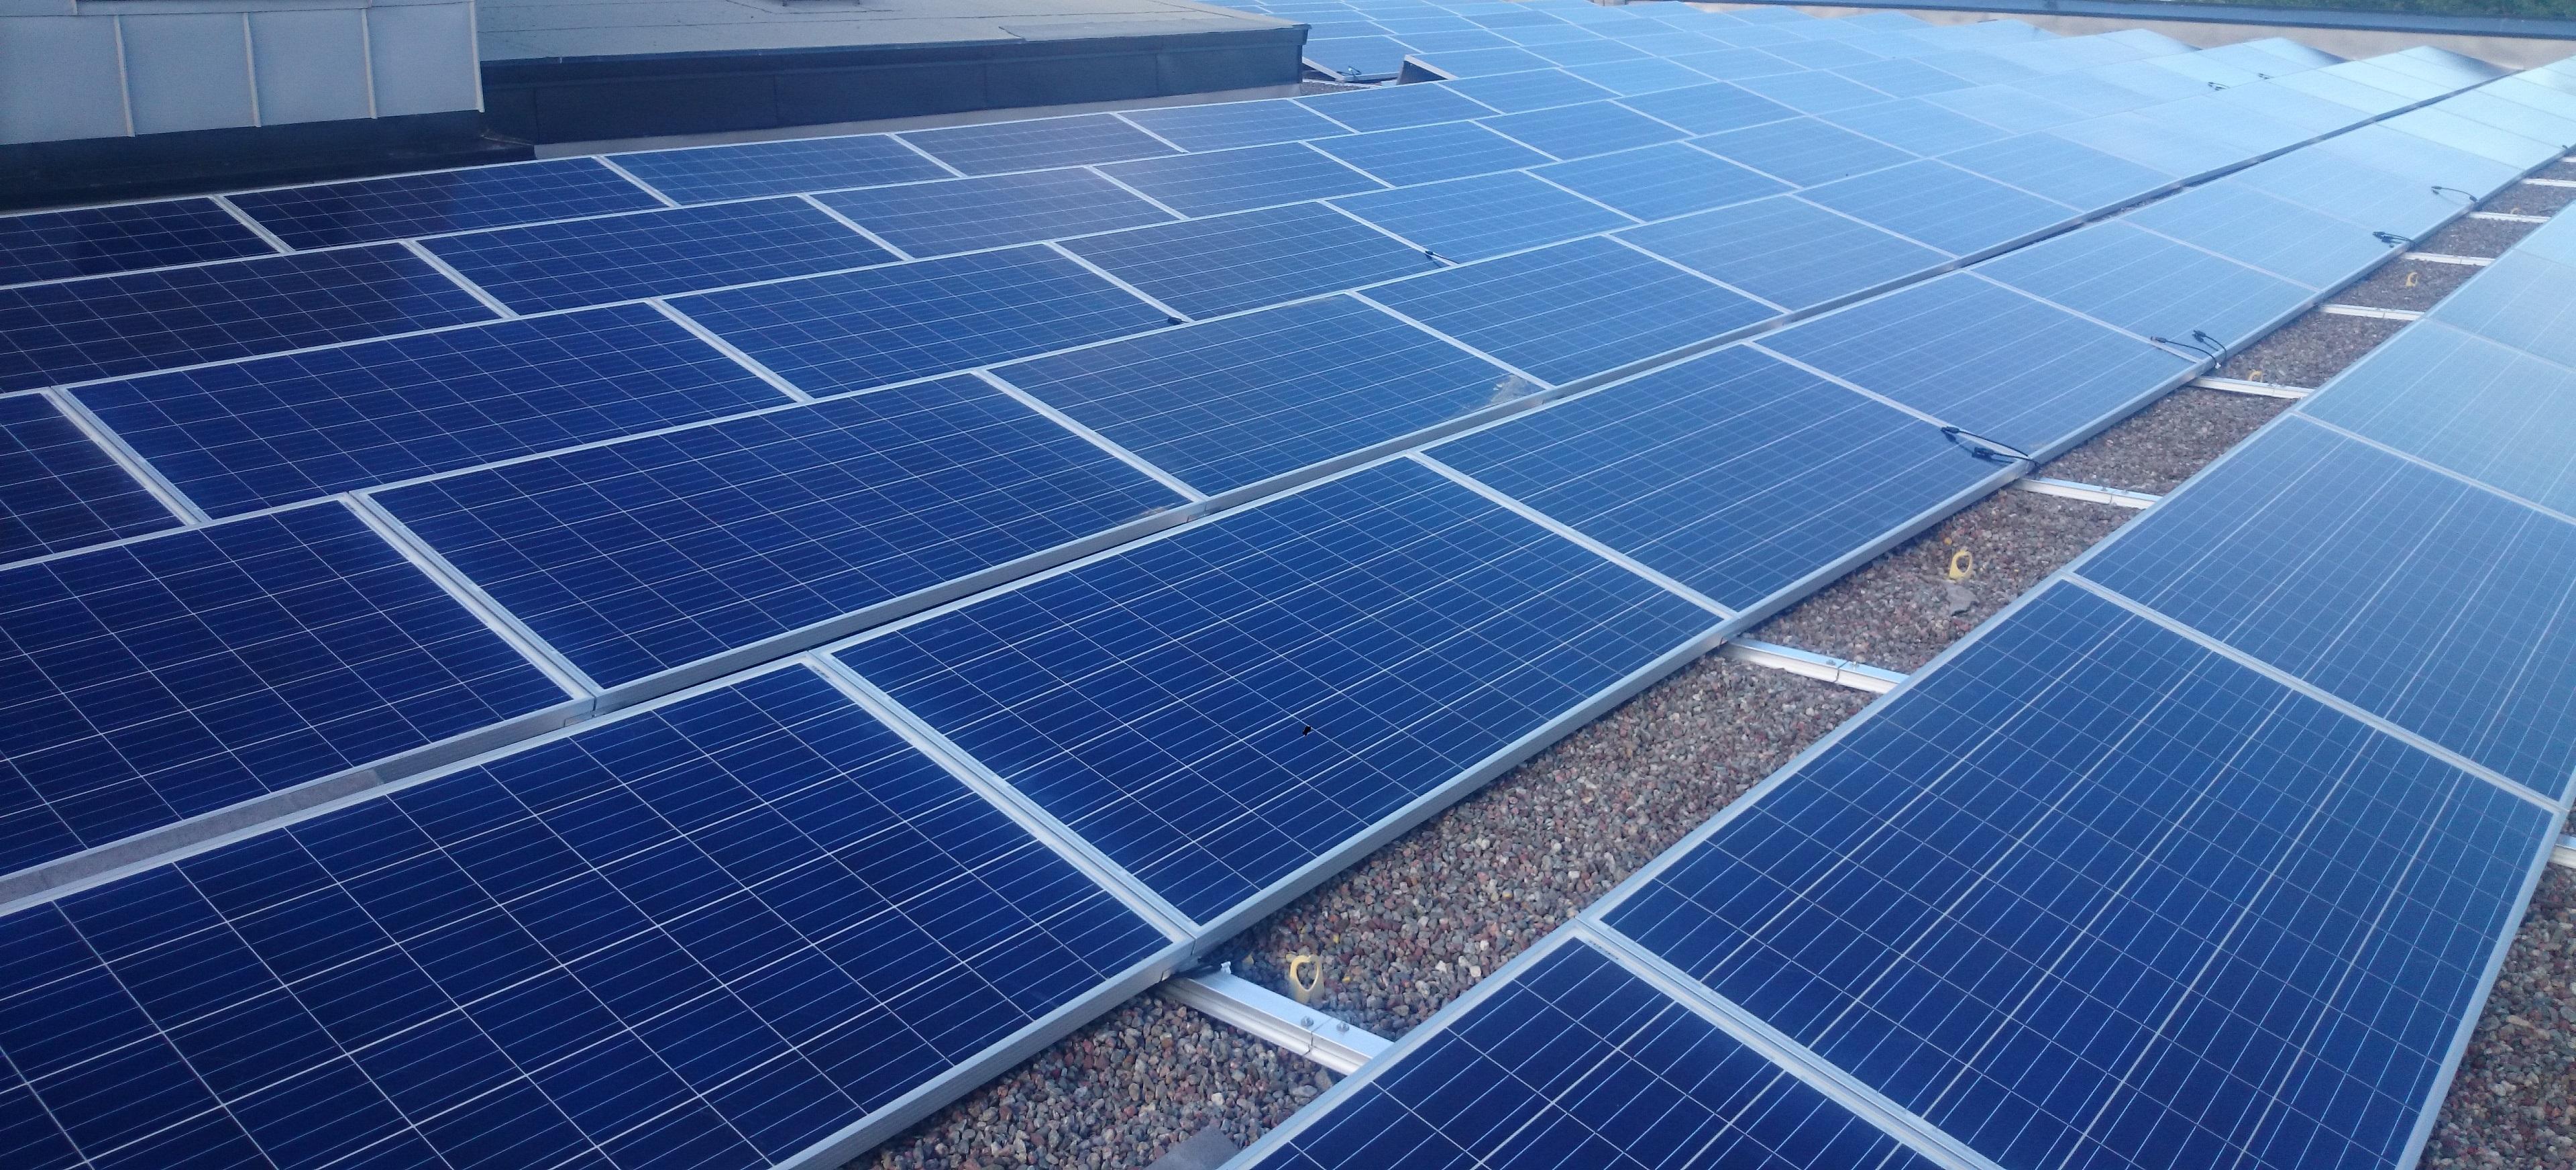 solkraft i city